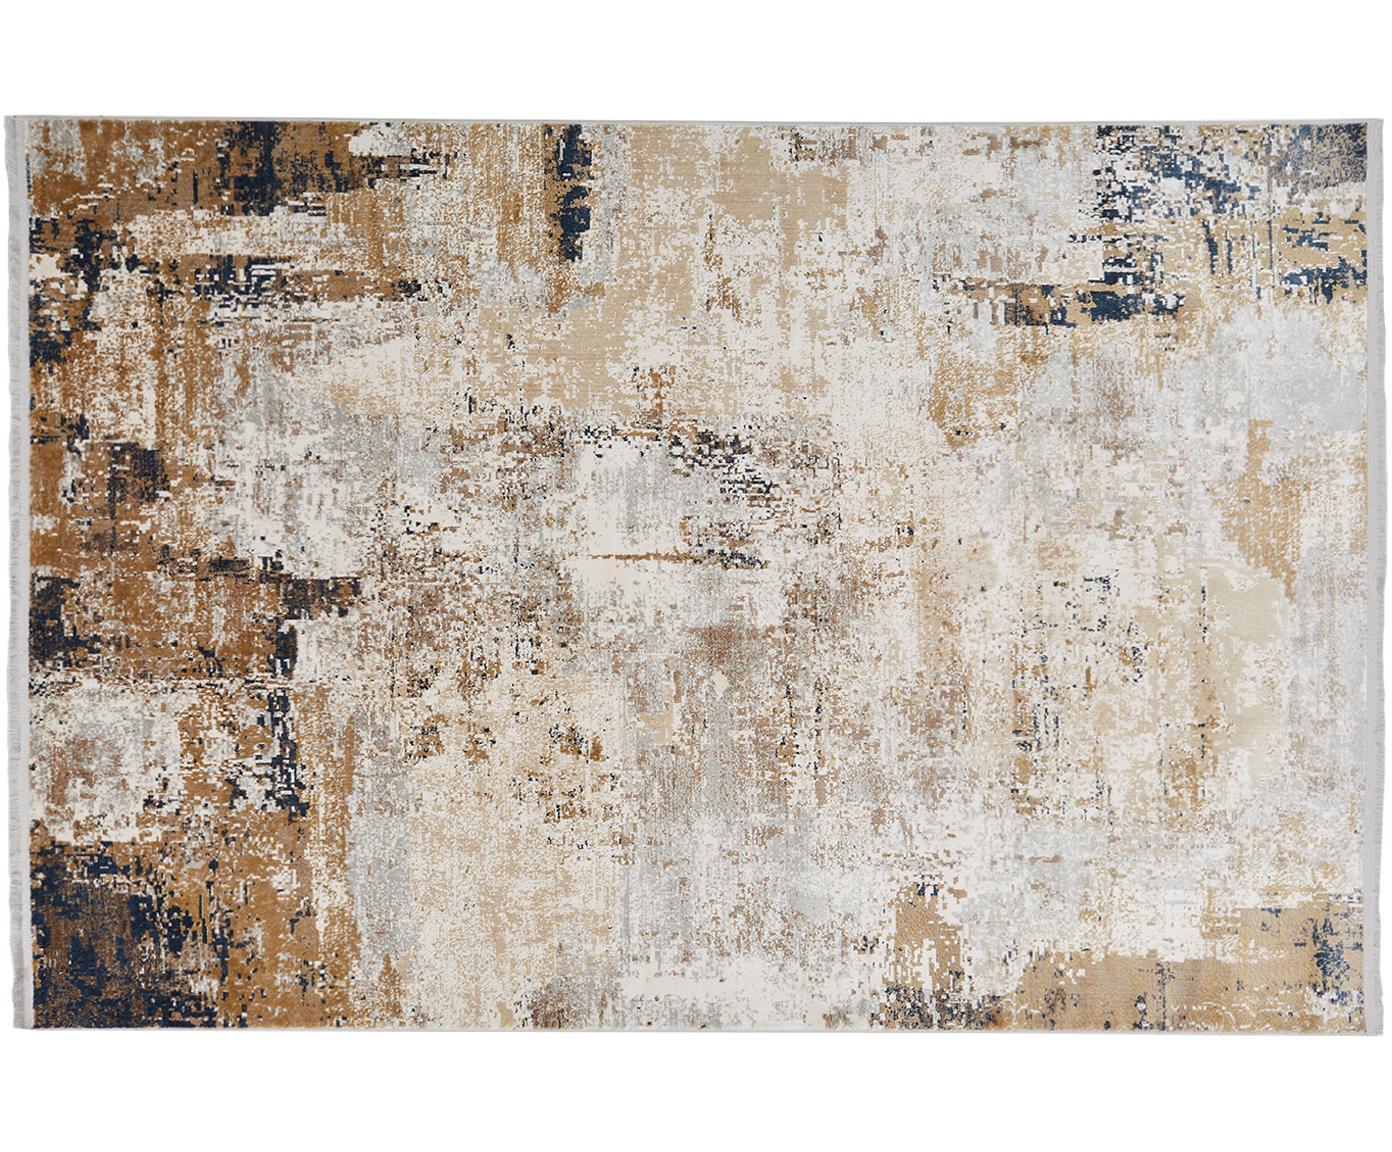 Dywan Verona, Kremowy, beżowy, szary, brązowy, ciemny niebieski, S 160 x D 230 cm (Rozmiar M)